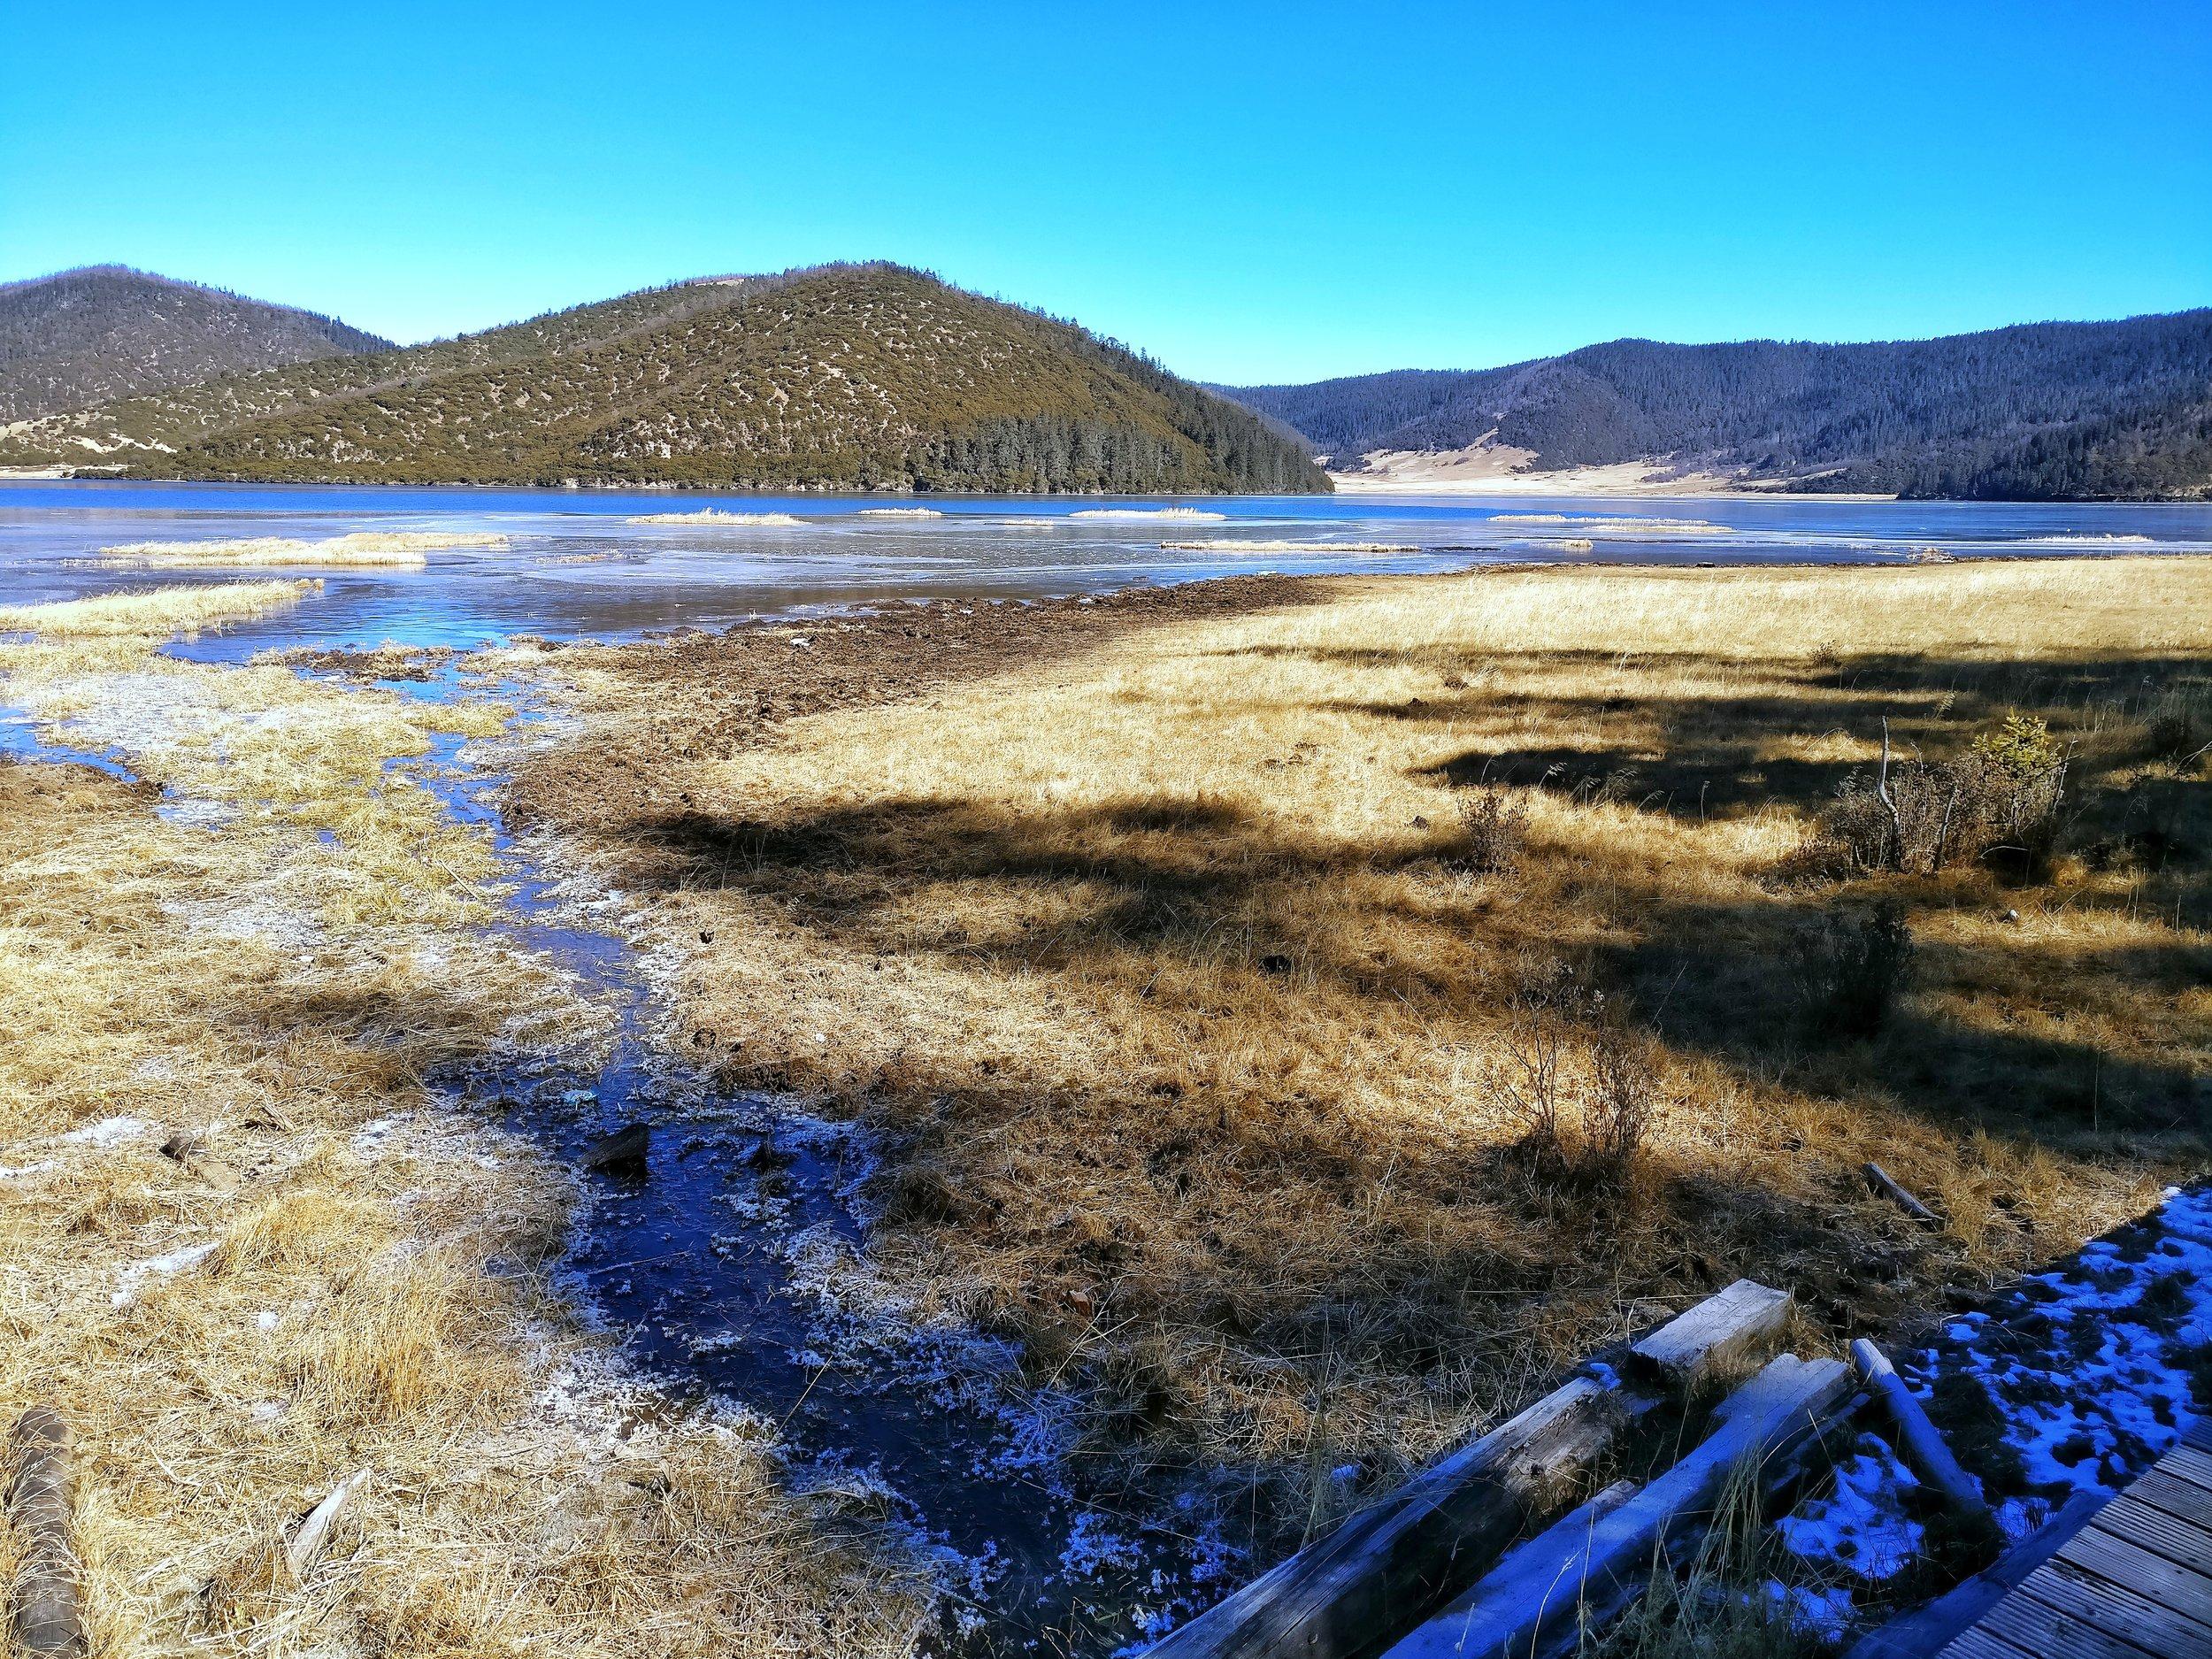 The Shudu Lake at the Potatso National Park in Yunnan.